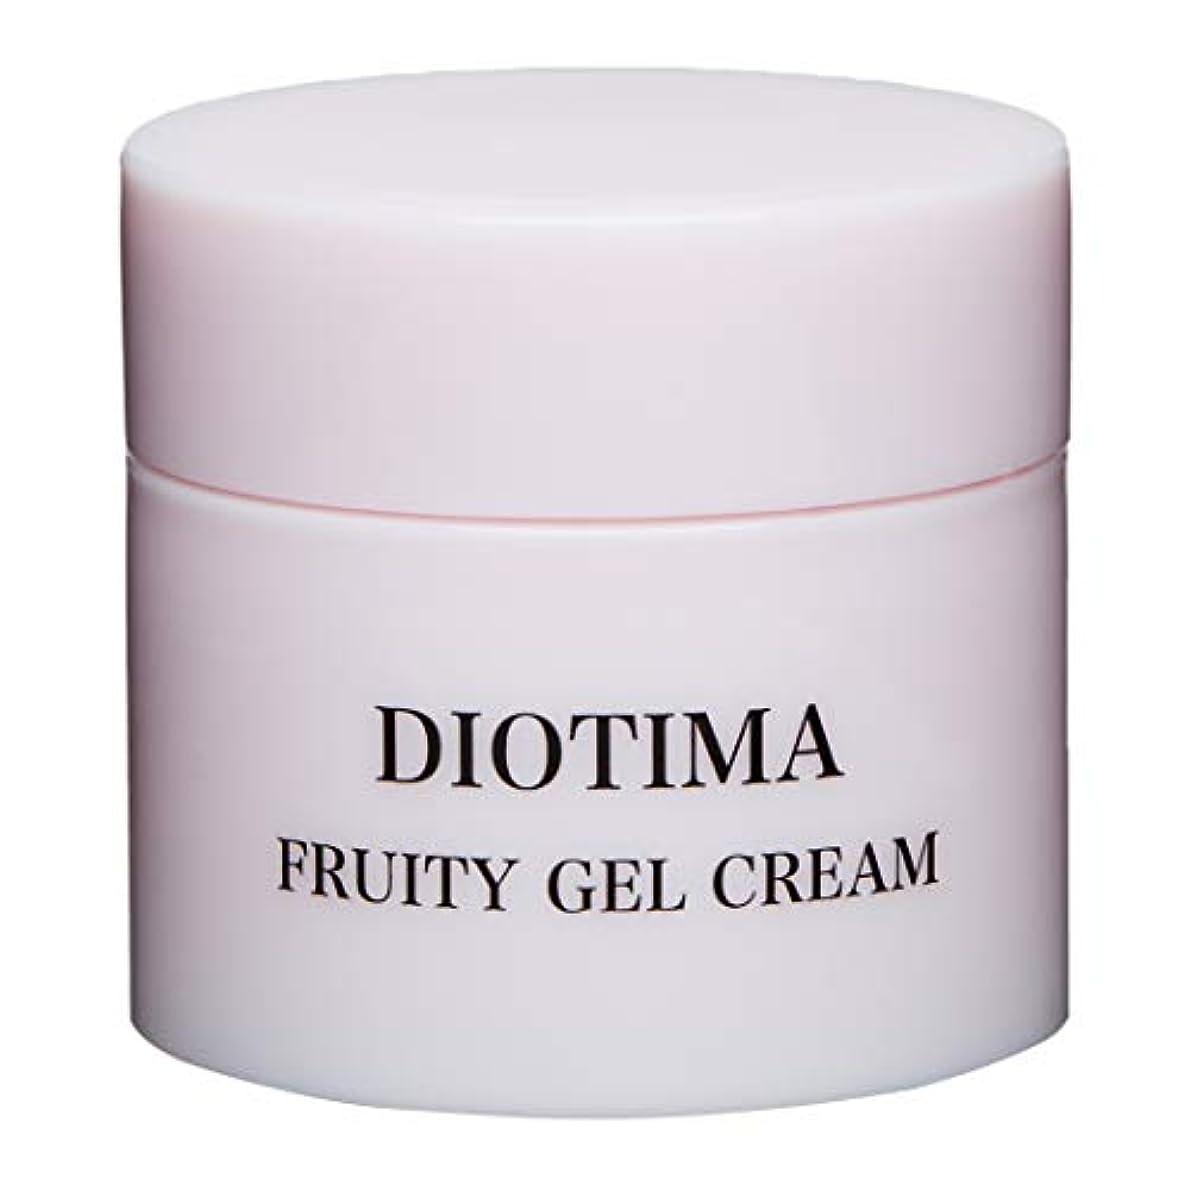 サポートフレキシブル消えるDUITIMA(ディオティマ) ディオティマ フルーティジェルクリーム オールインワン 60g